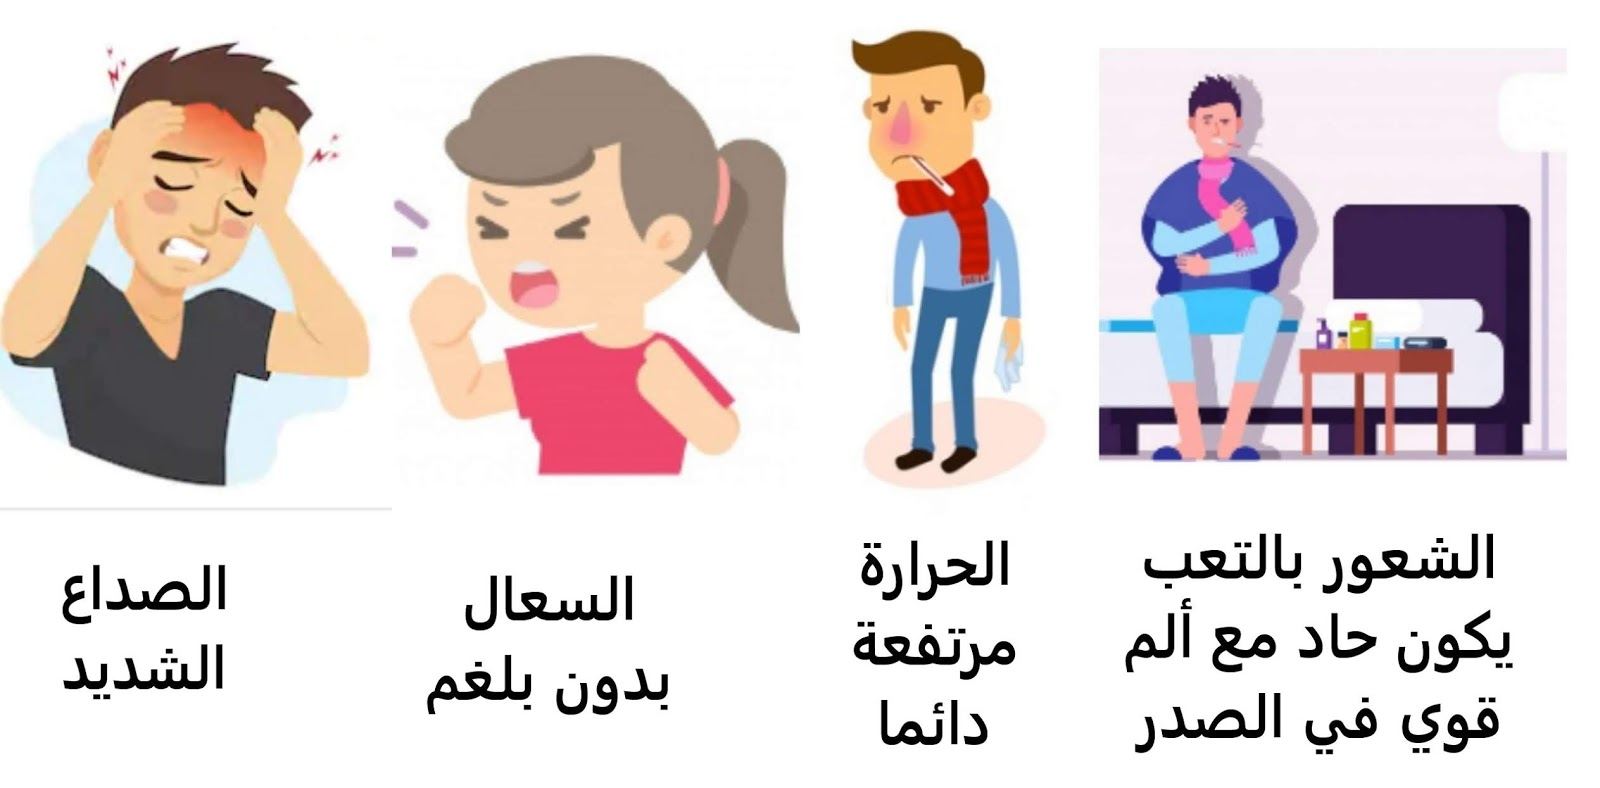 أعراض مرض الكورونا